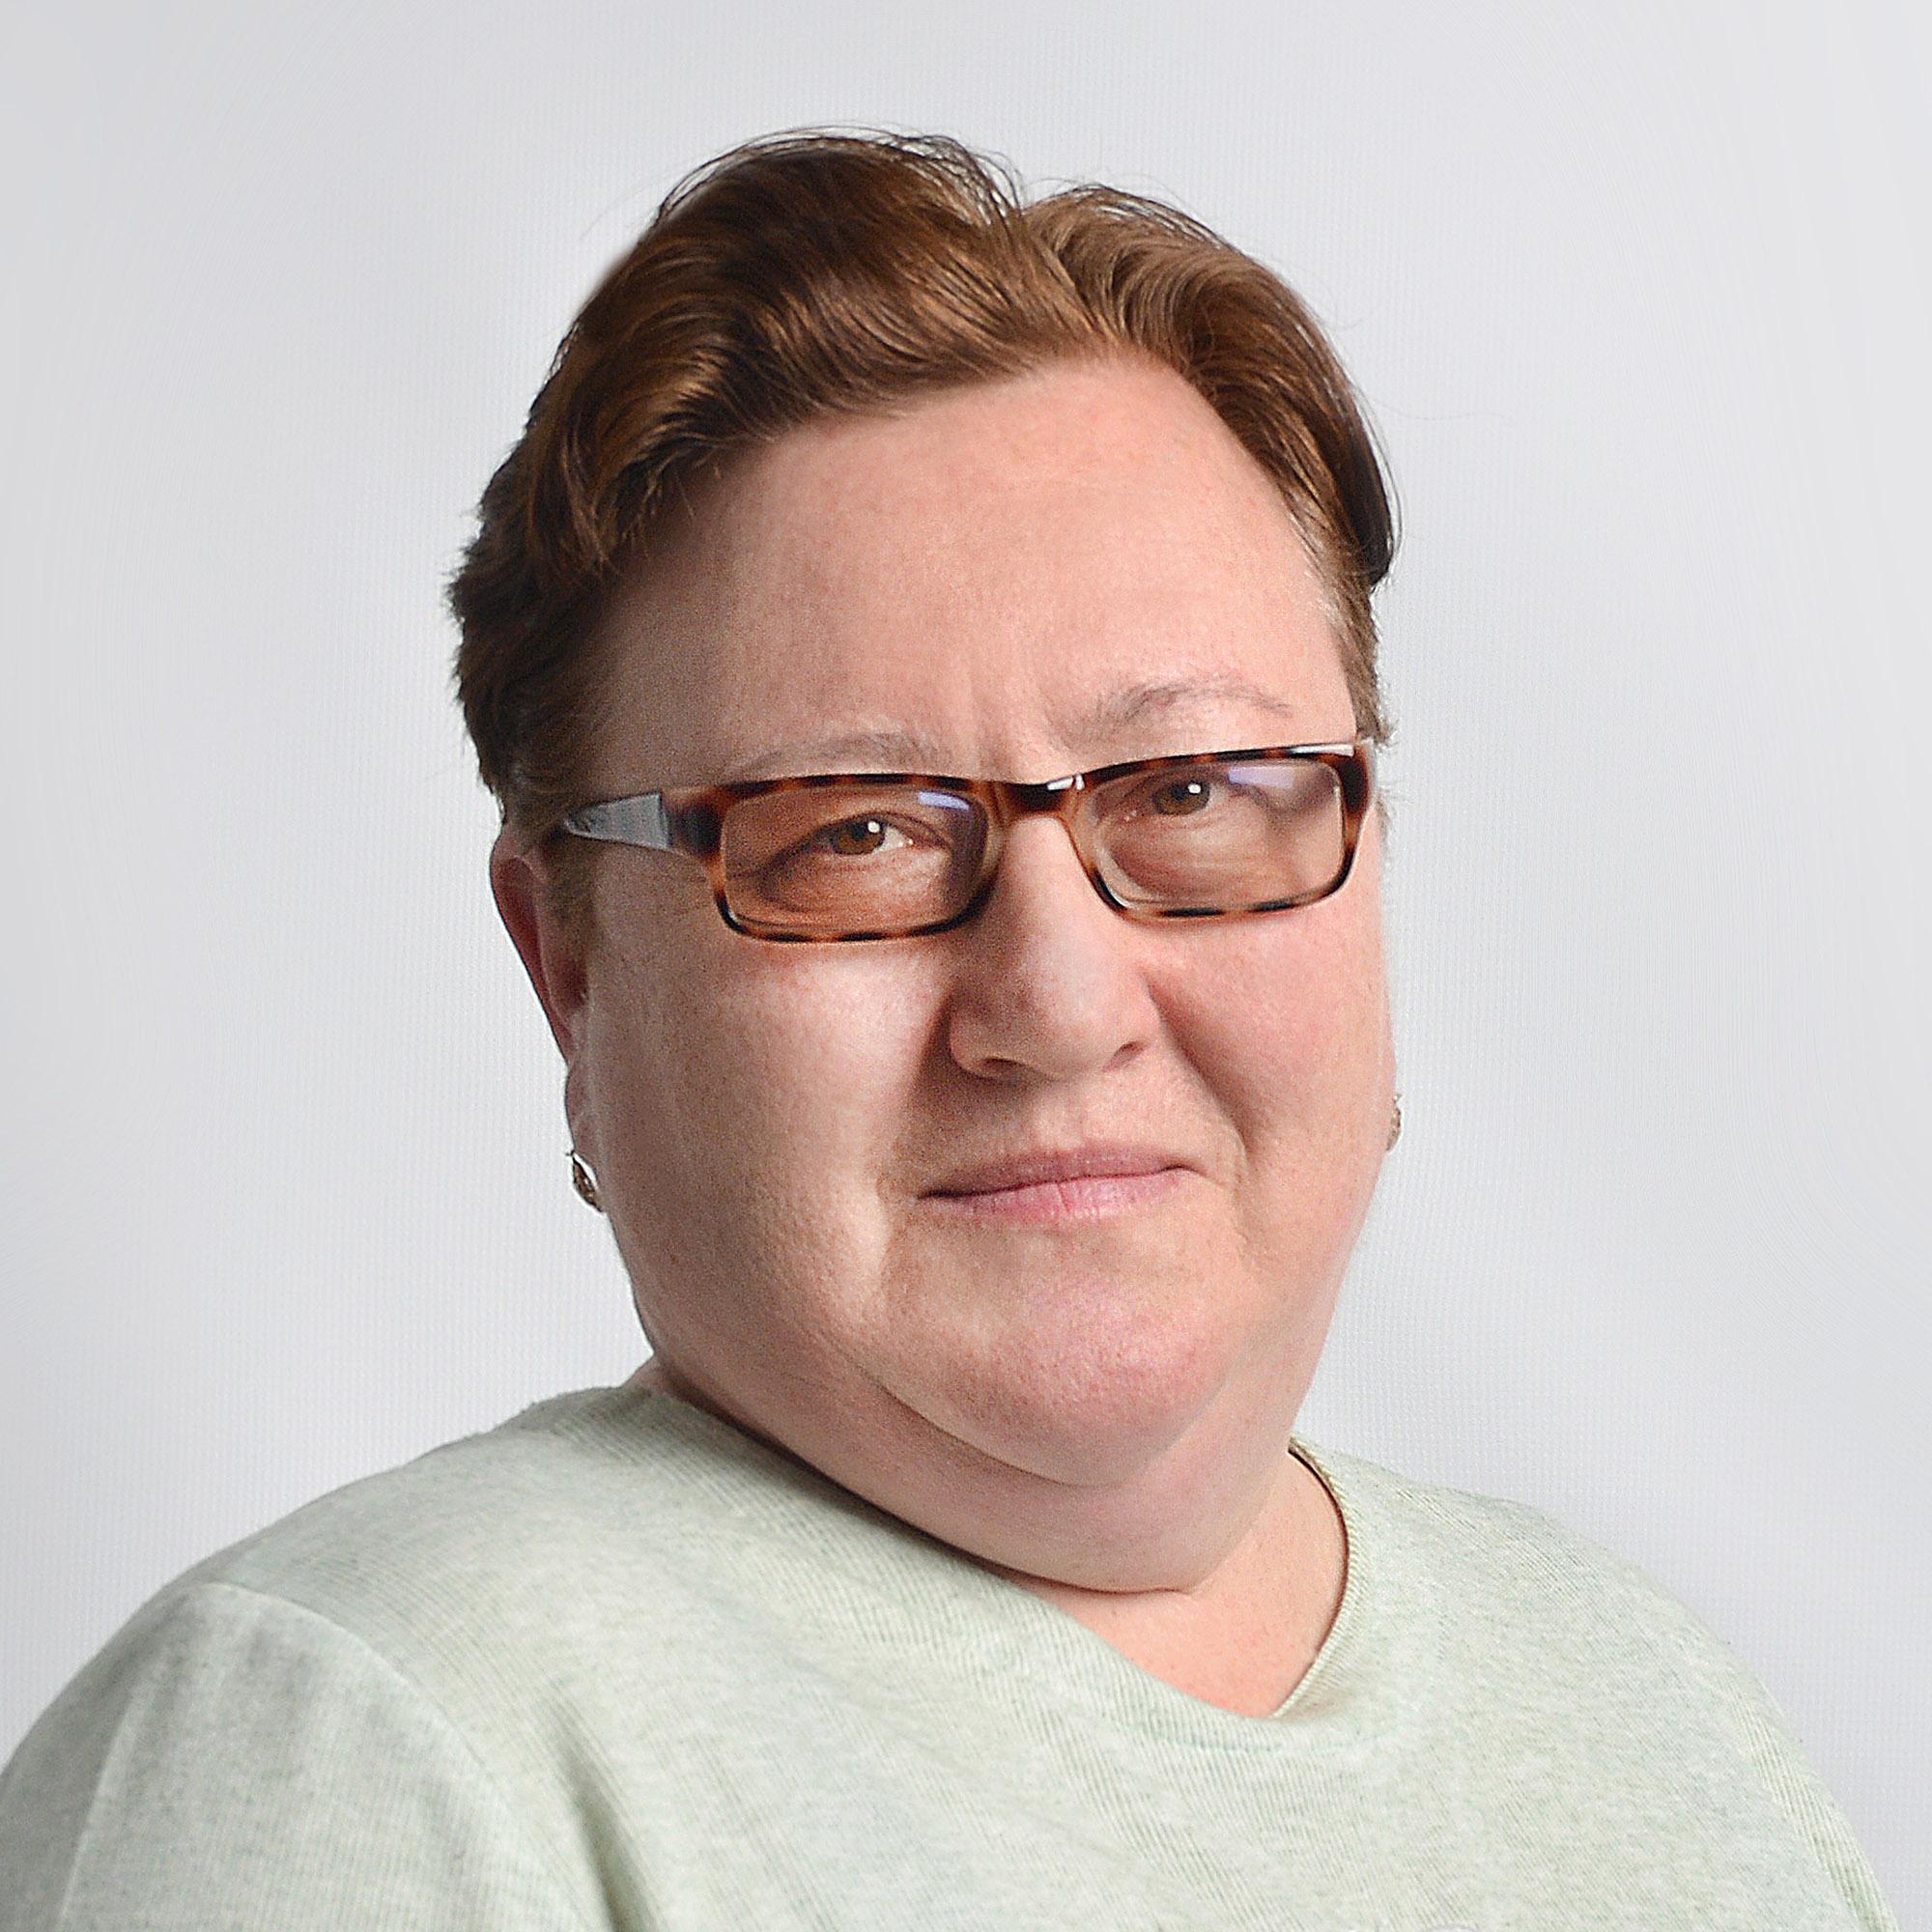 Valeria SOROȘTINEANU